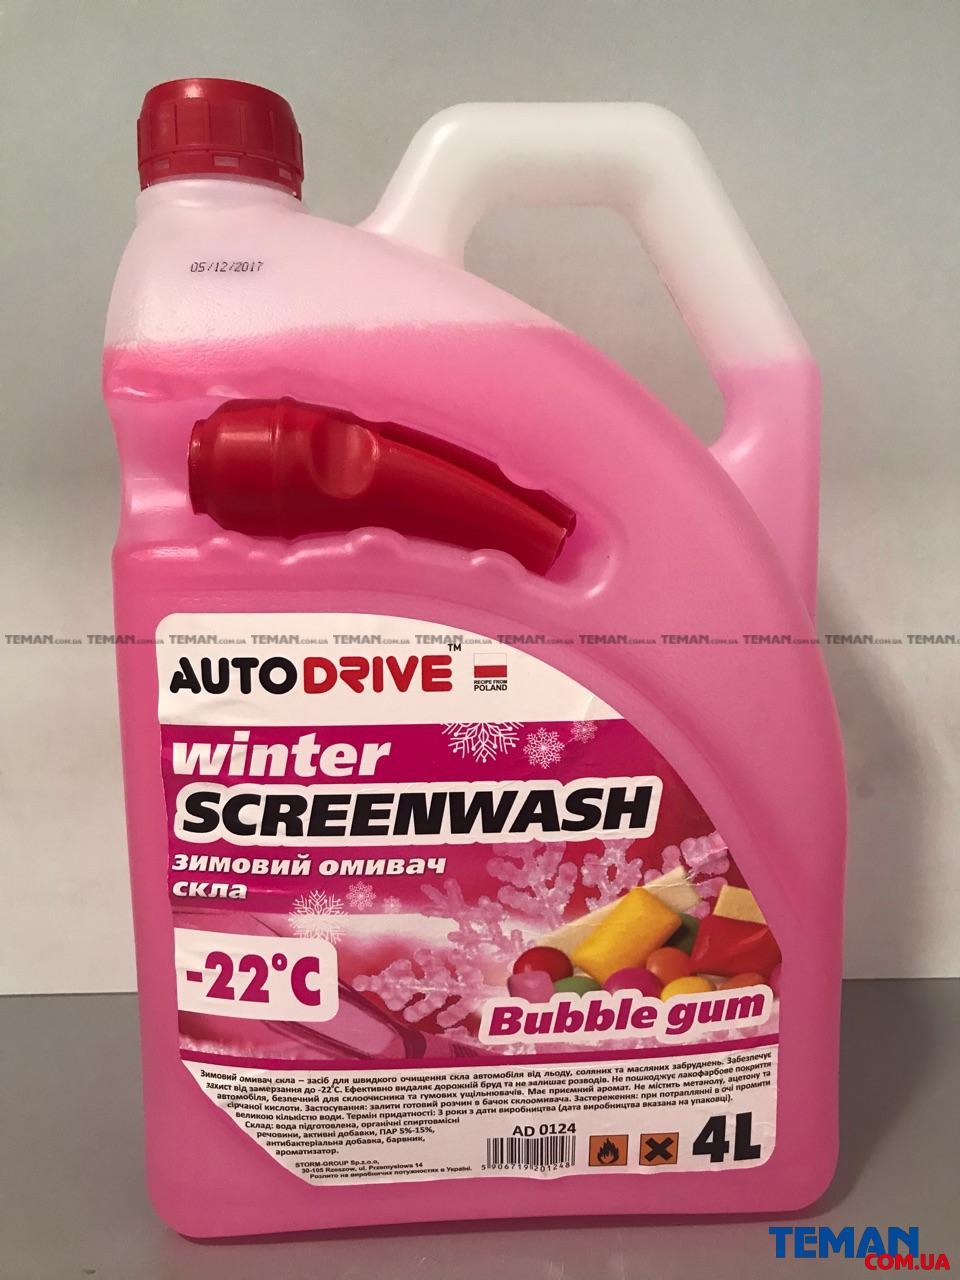 Купить Омыватель зимний Winter Screenwash -22 °C Bubble Gum  4л AUTO DRIVE ad0124